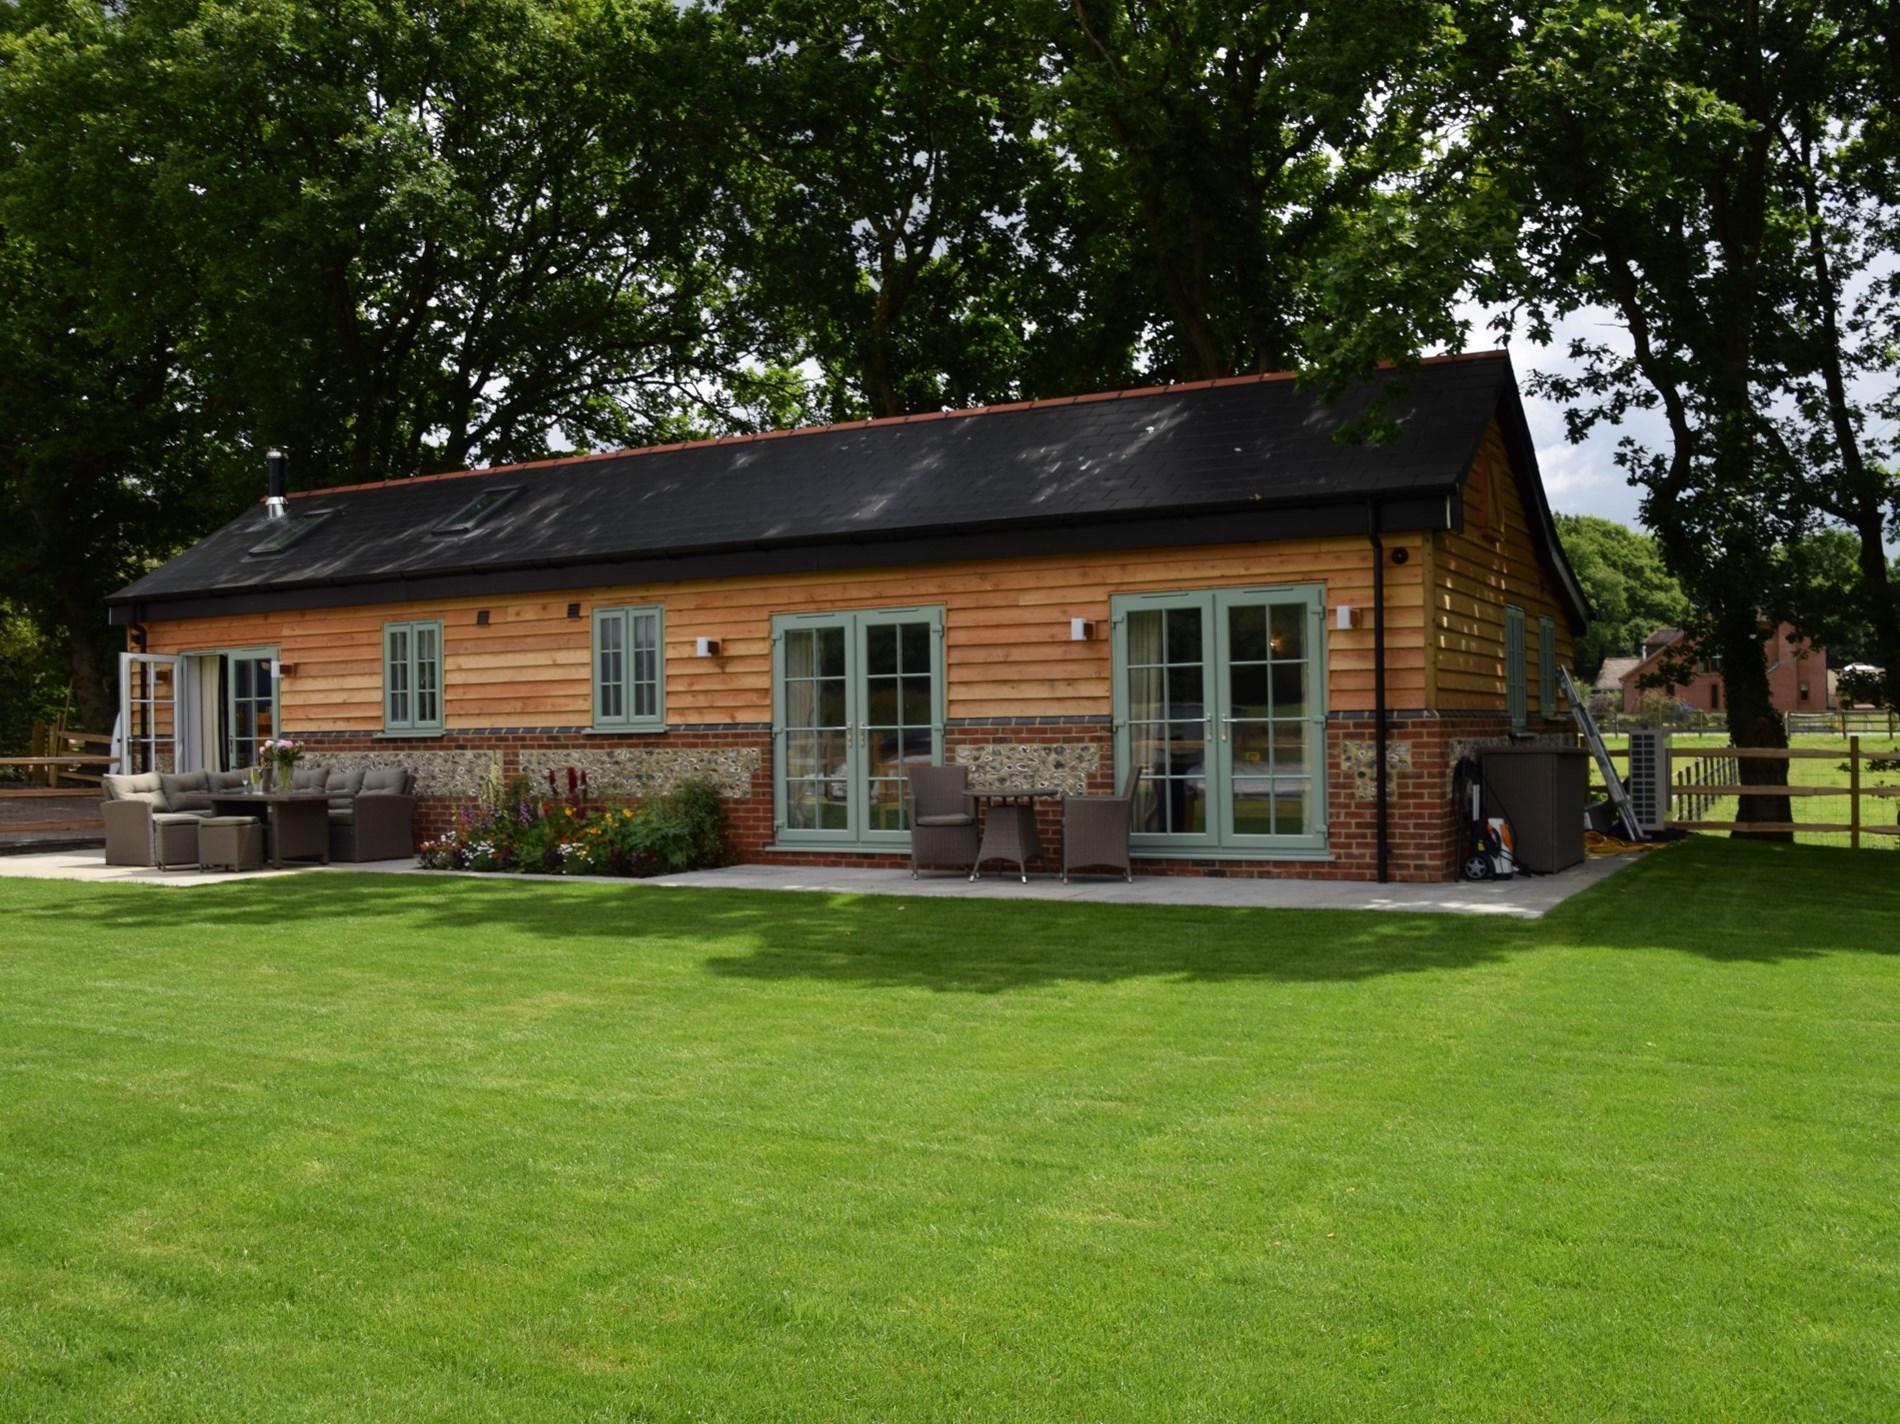 Ferienhaus in Burridge